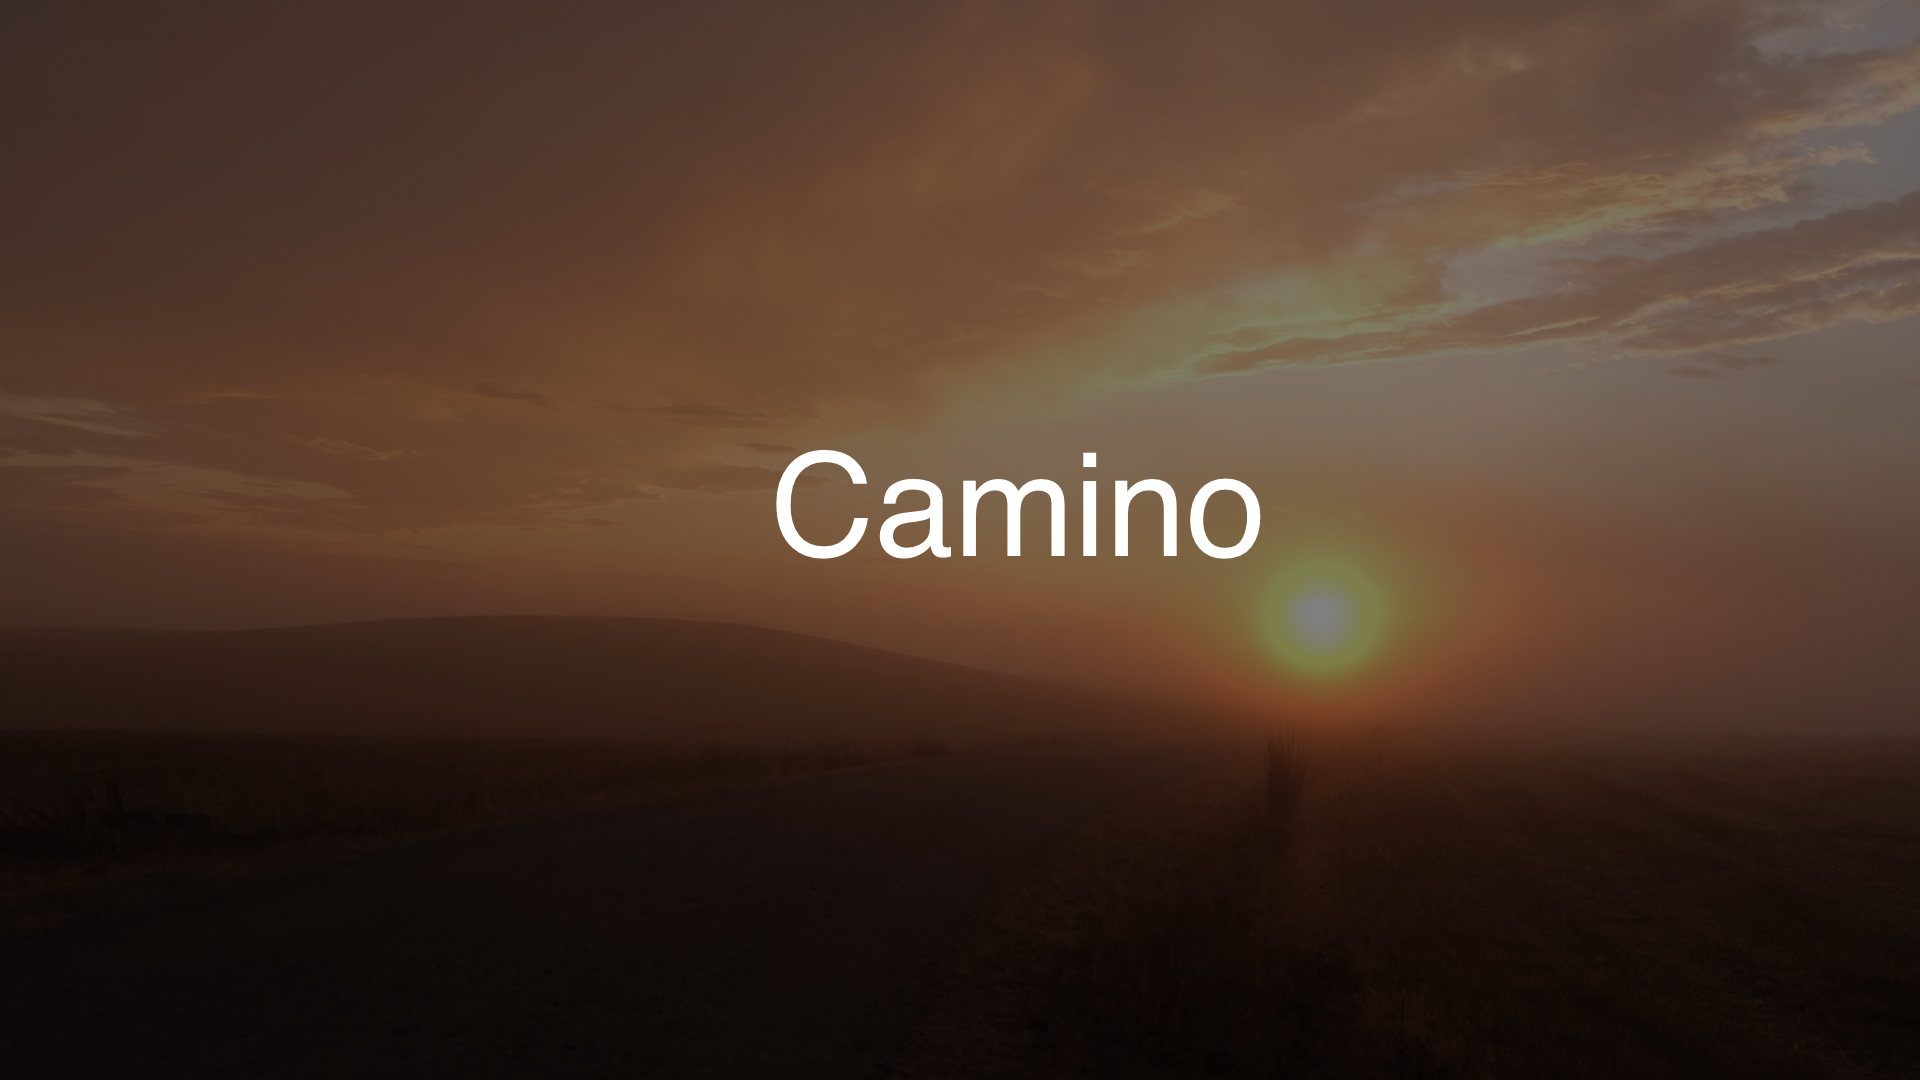 Camino Header 1920x1080 dark